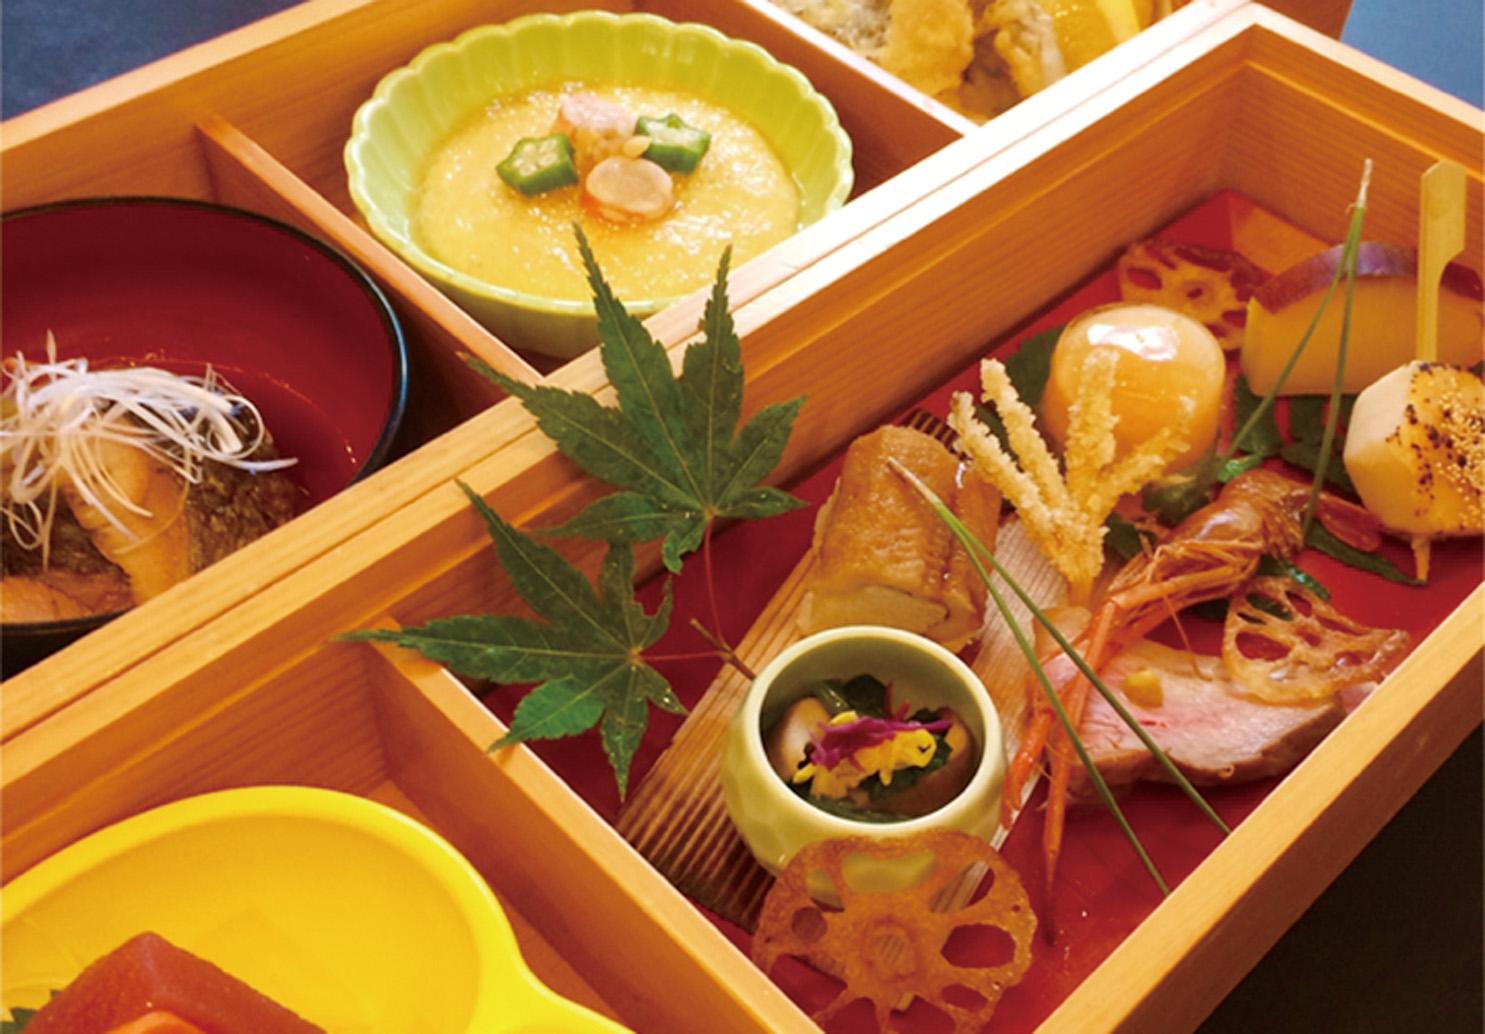 昼のみ提供する「季節のしぶき弁当(椀そば、コーヒーまたは紅茶、デザート付き/2000円)」のイメージ。前日までに要予約